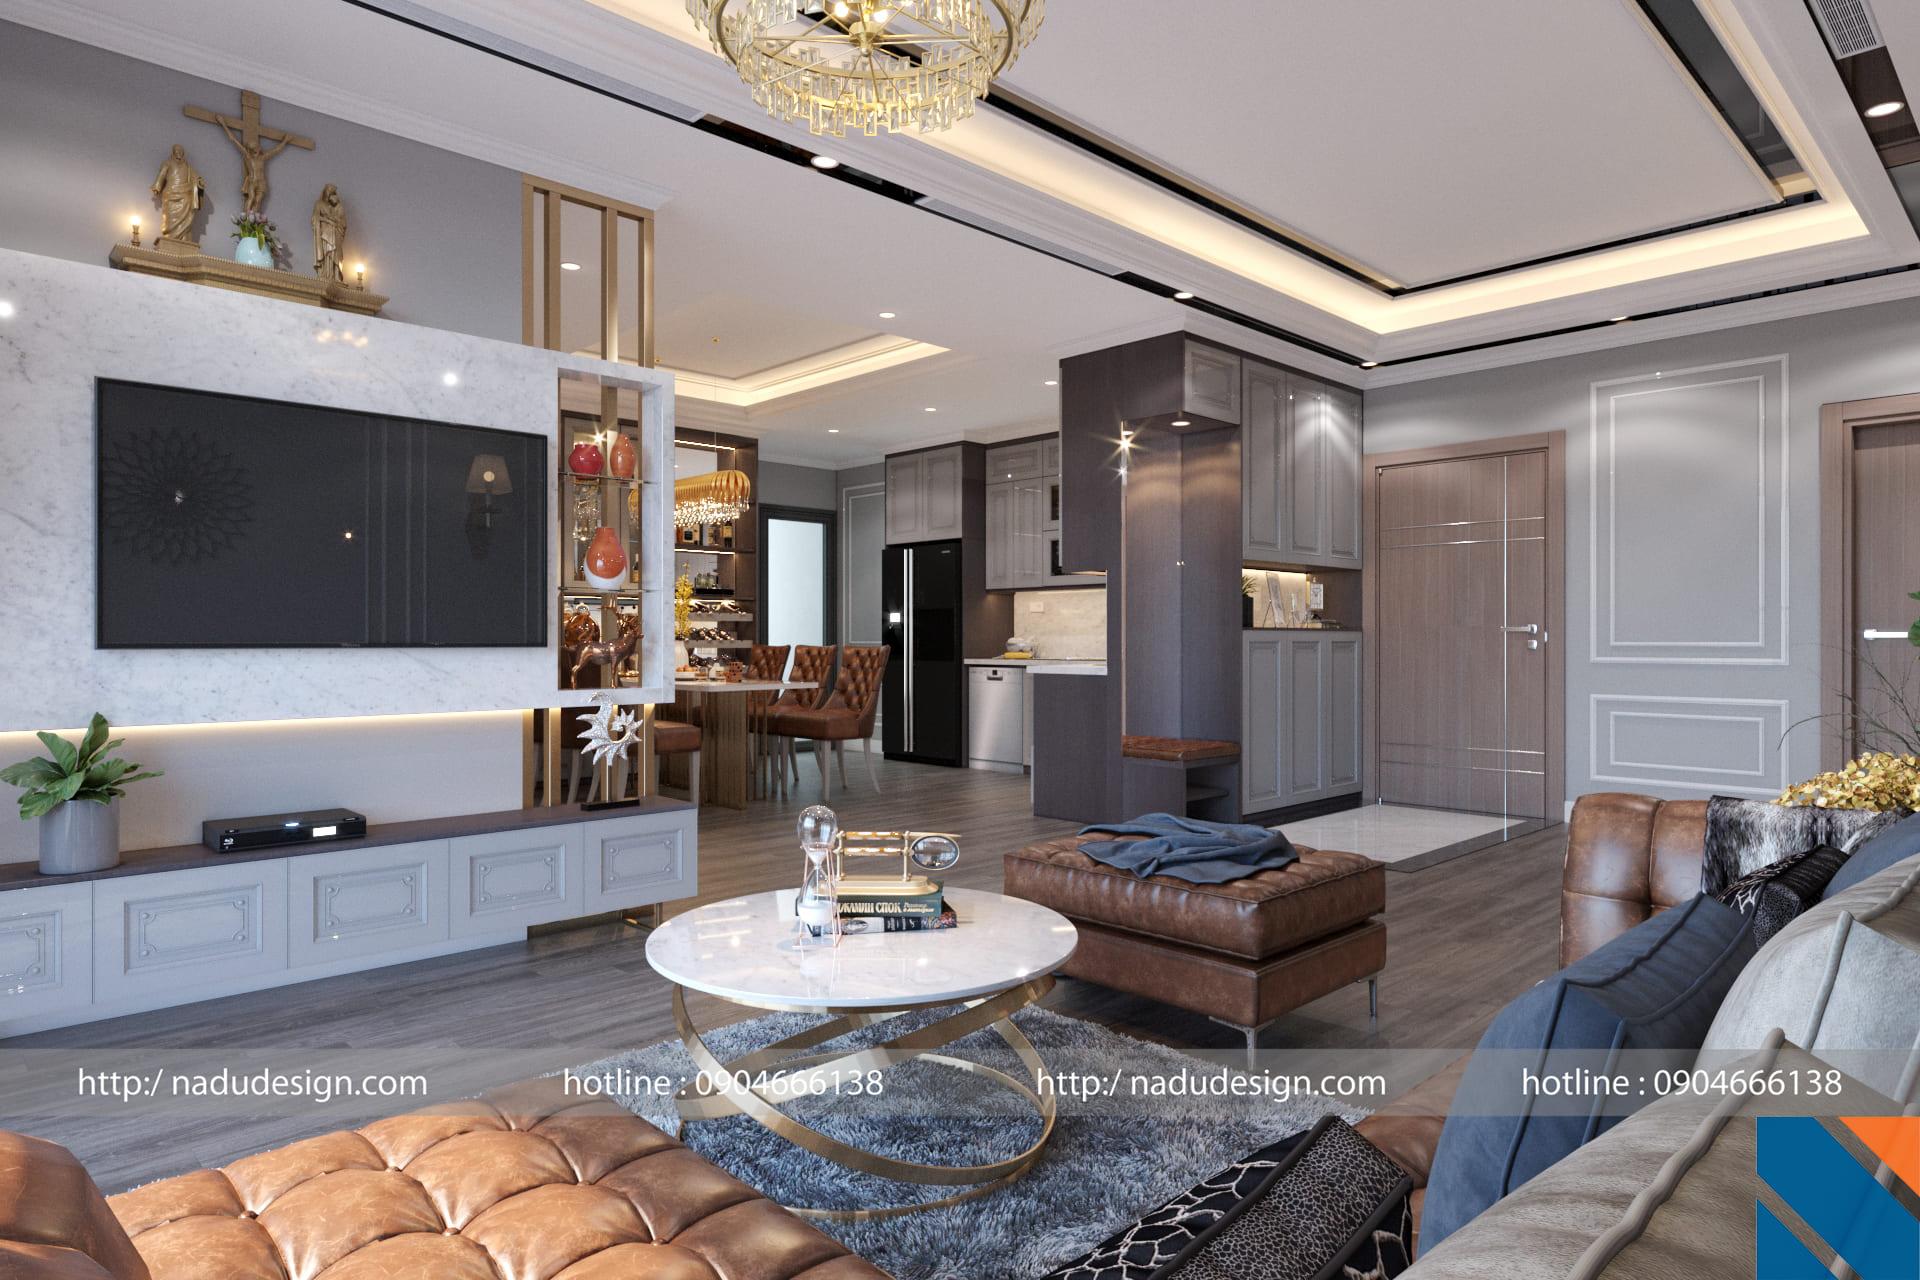 Thiết kế nội thất Vinhome Gardenia phong cách tân cổ điển